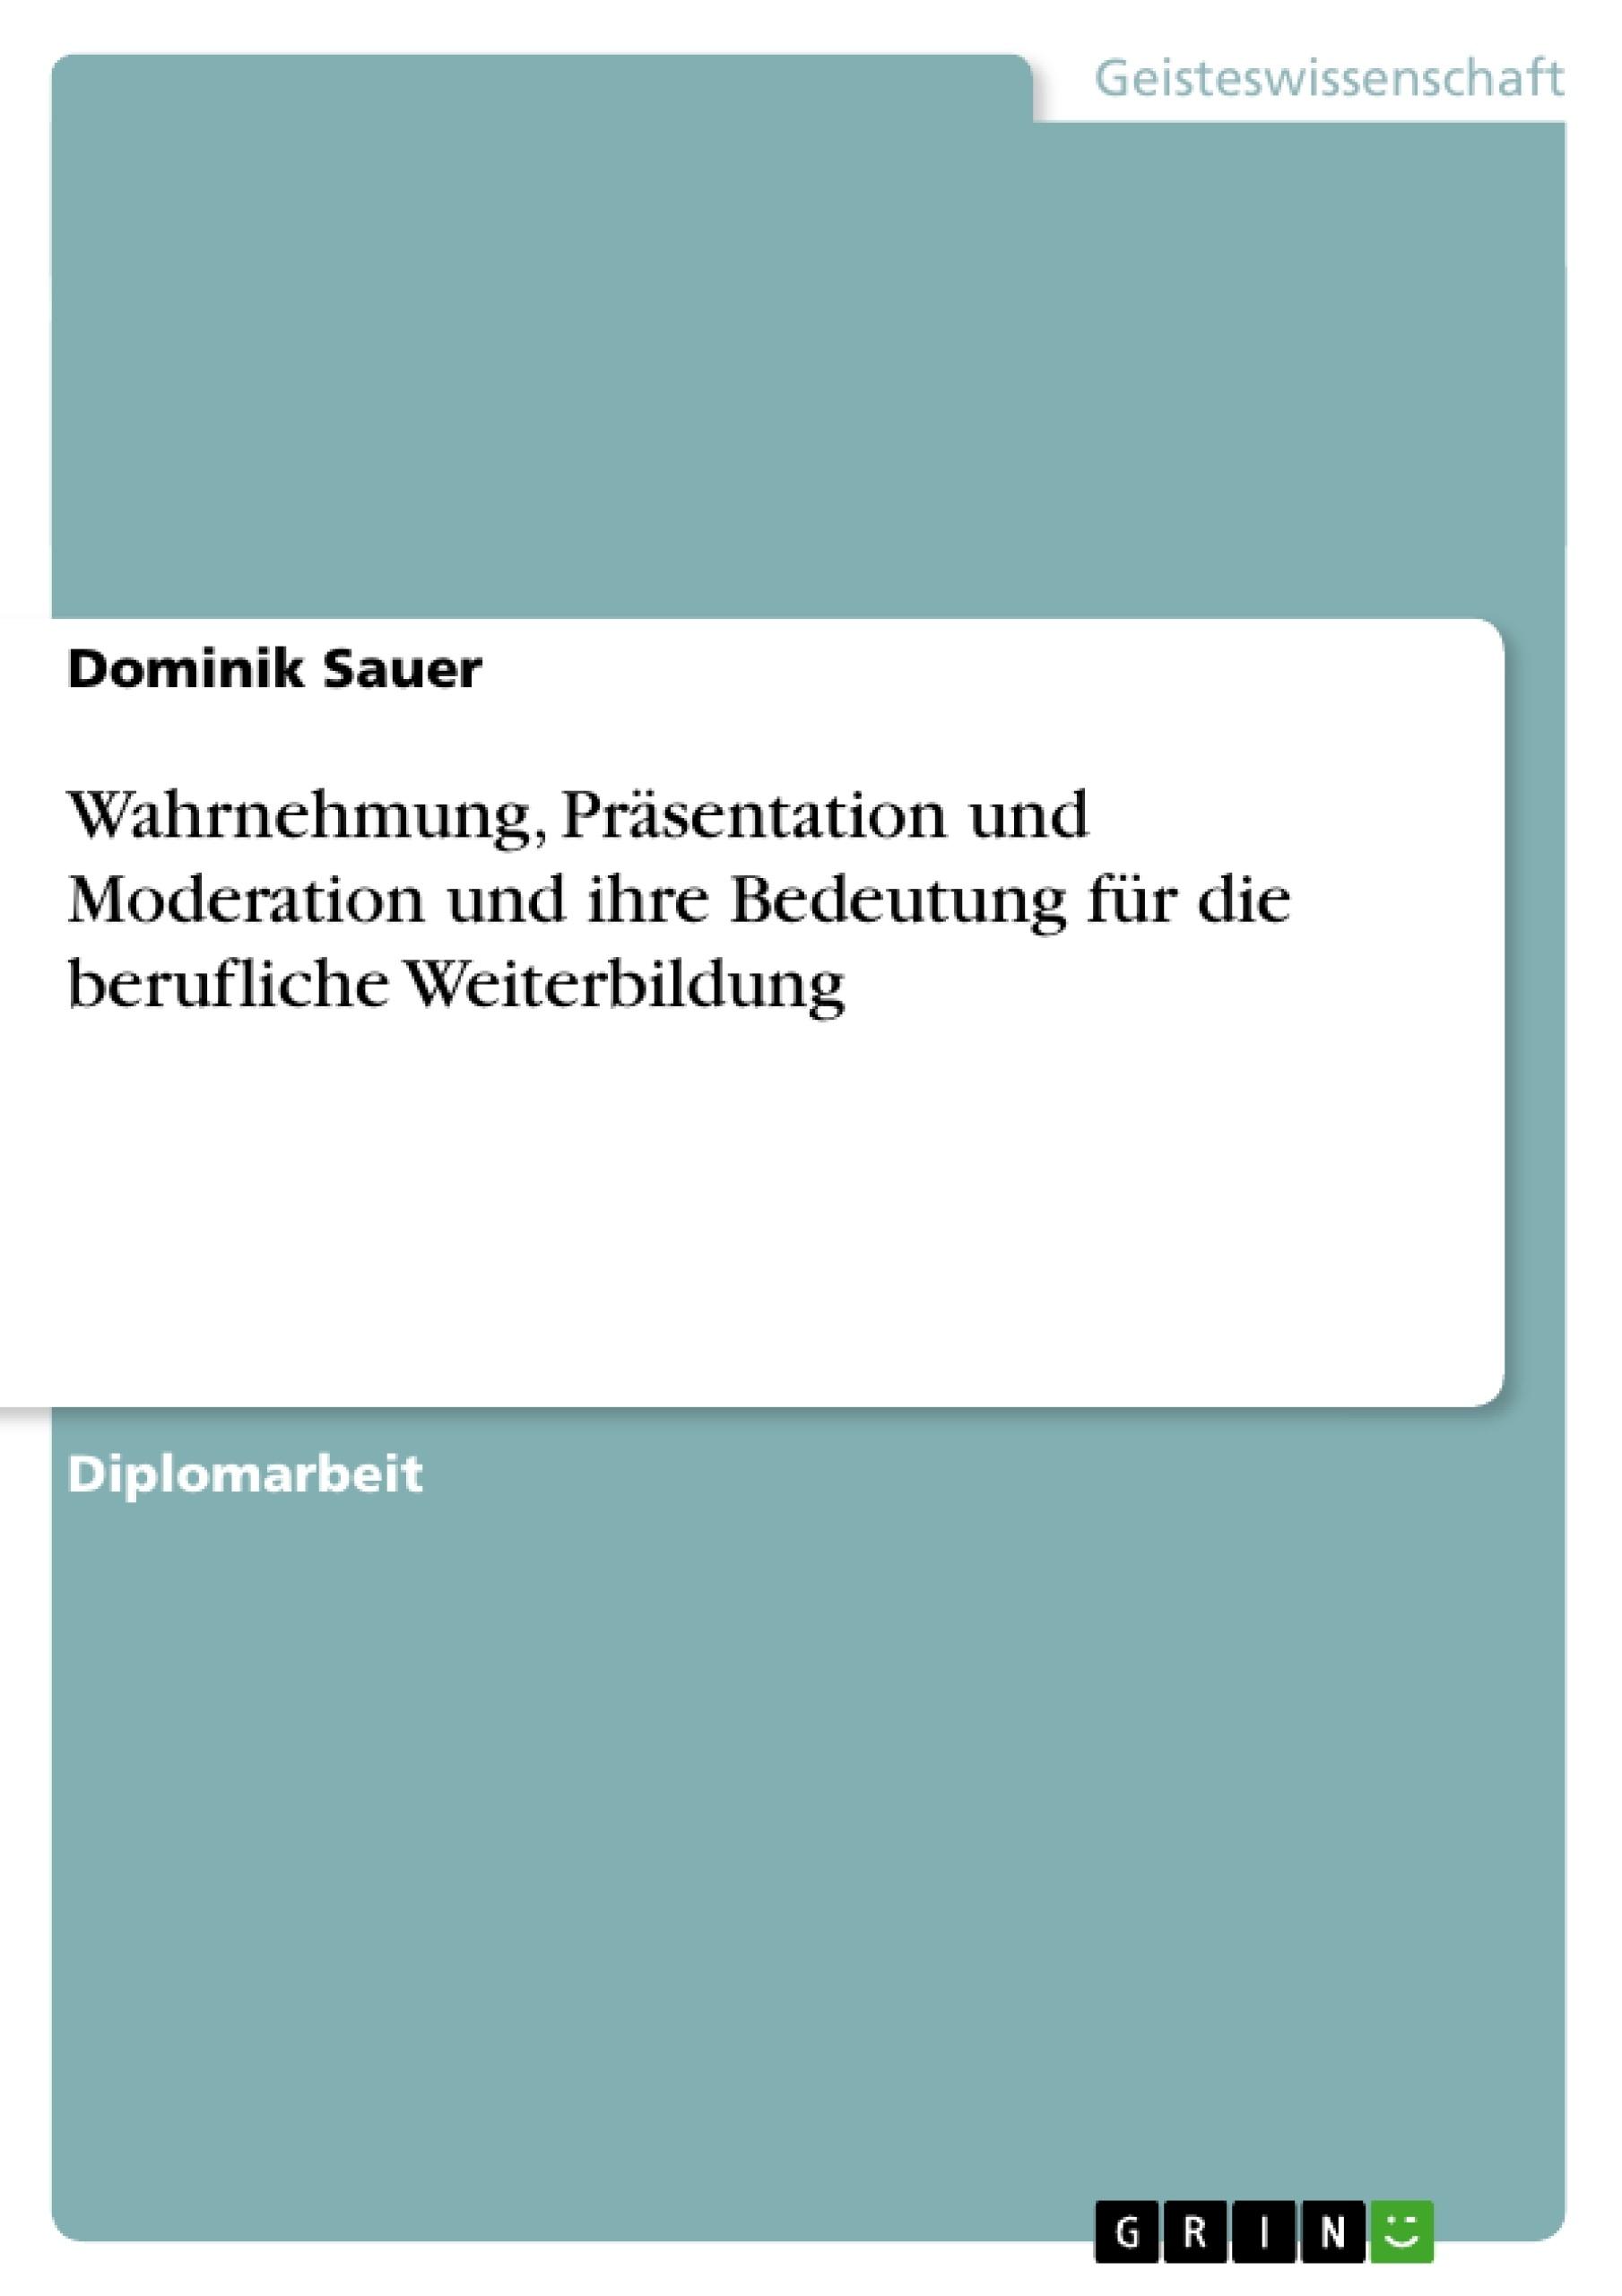 Titel: Wahrnehmung, Präsentation und Moderation und ihre Bedeutung für die berufliche Weiterbildung